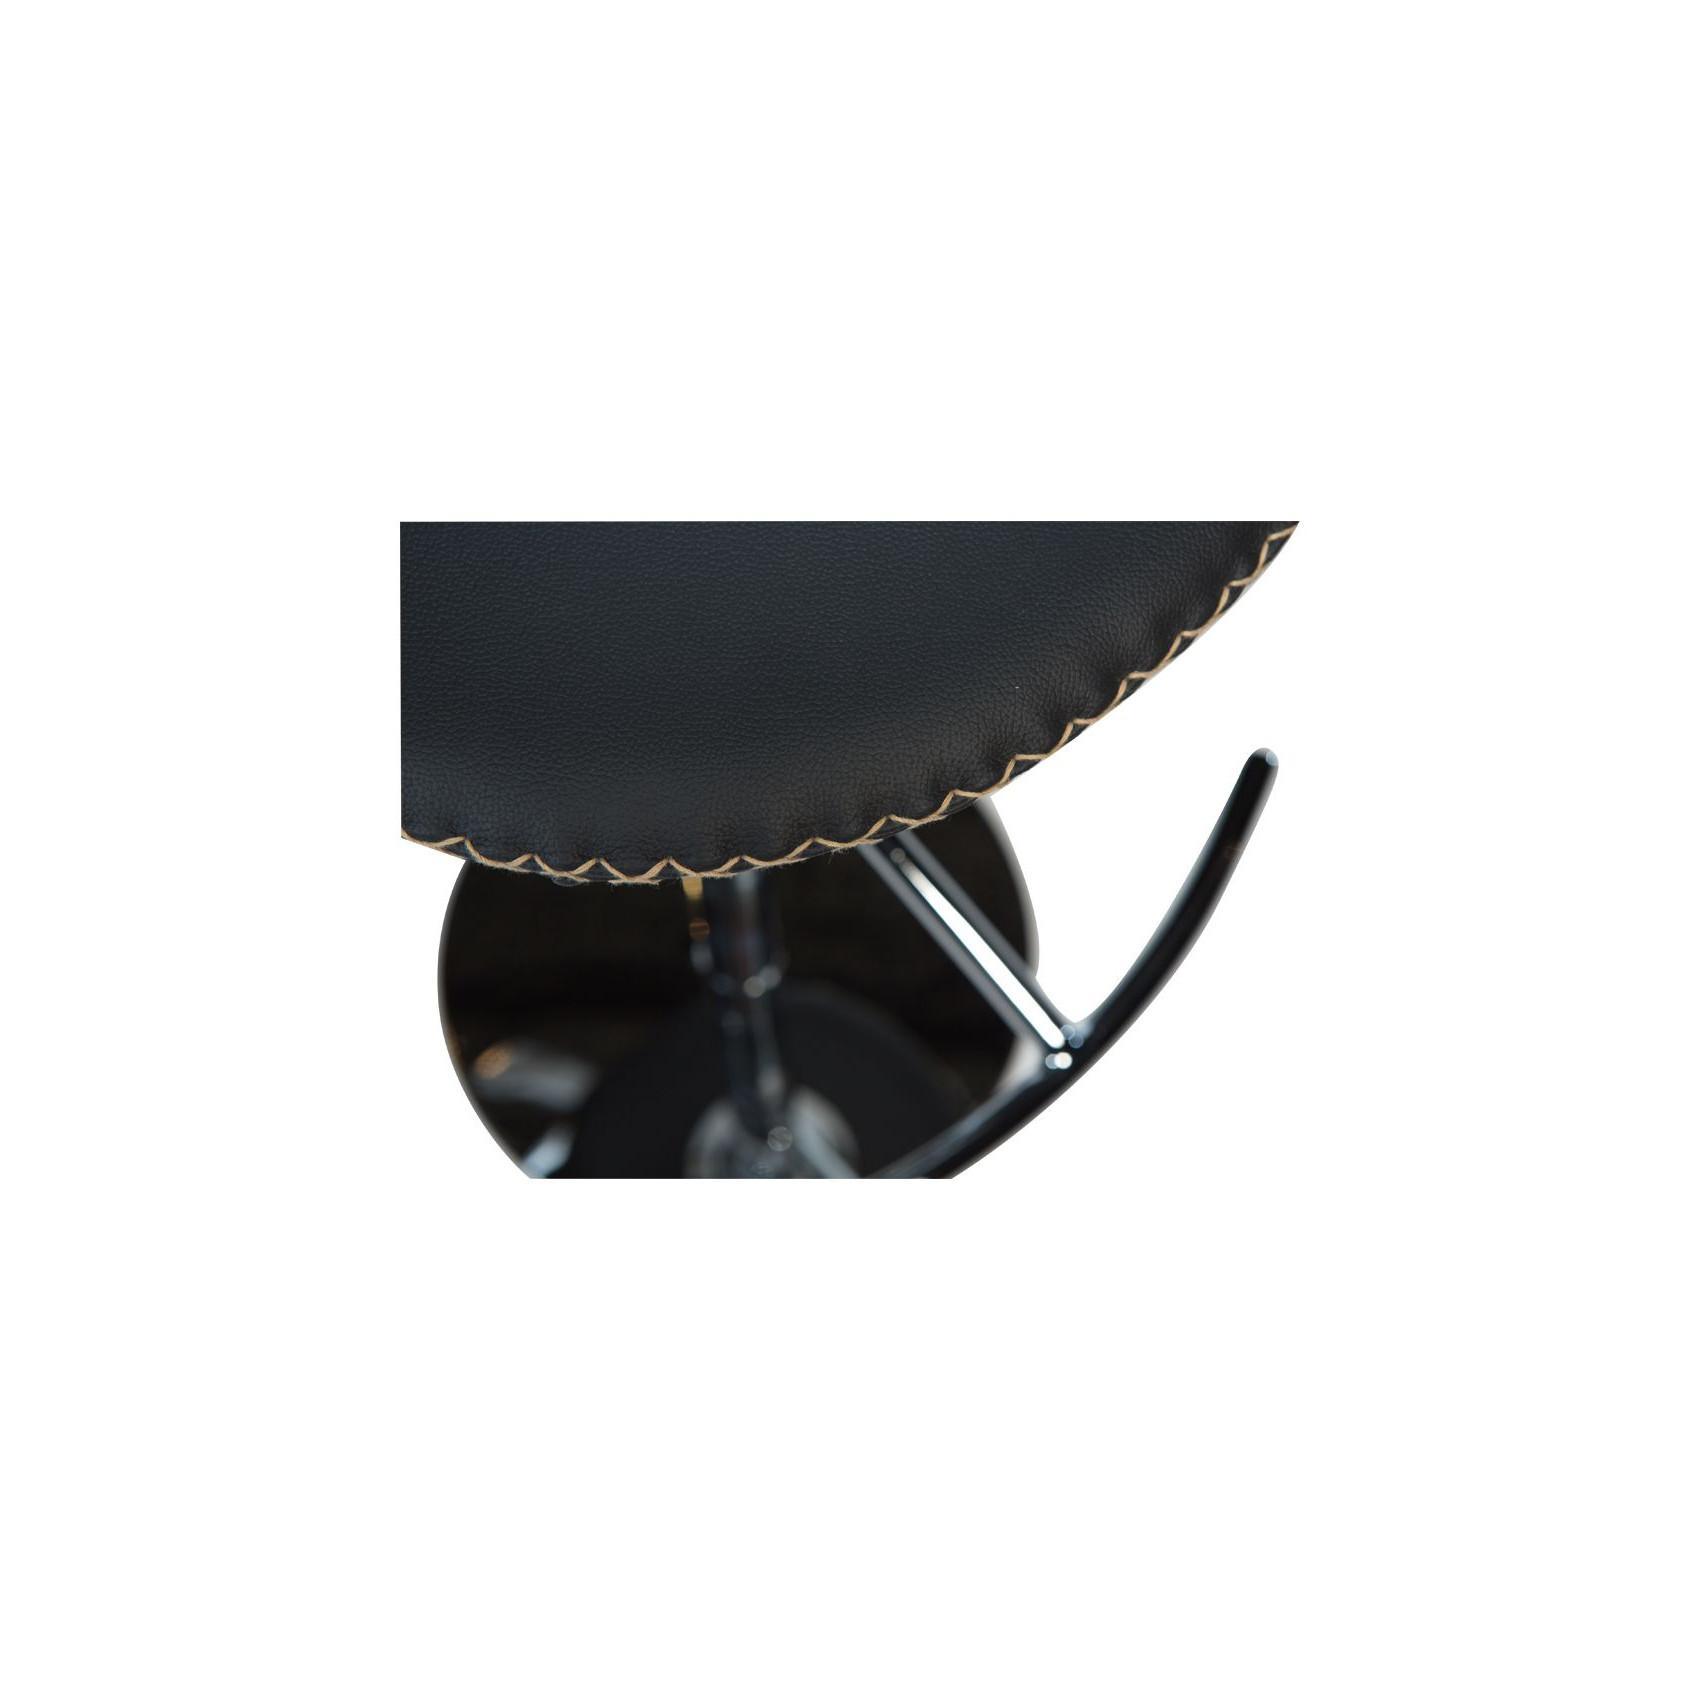 Barhocker Dolphin | Stahlgestell / Schwarzes Leder